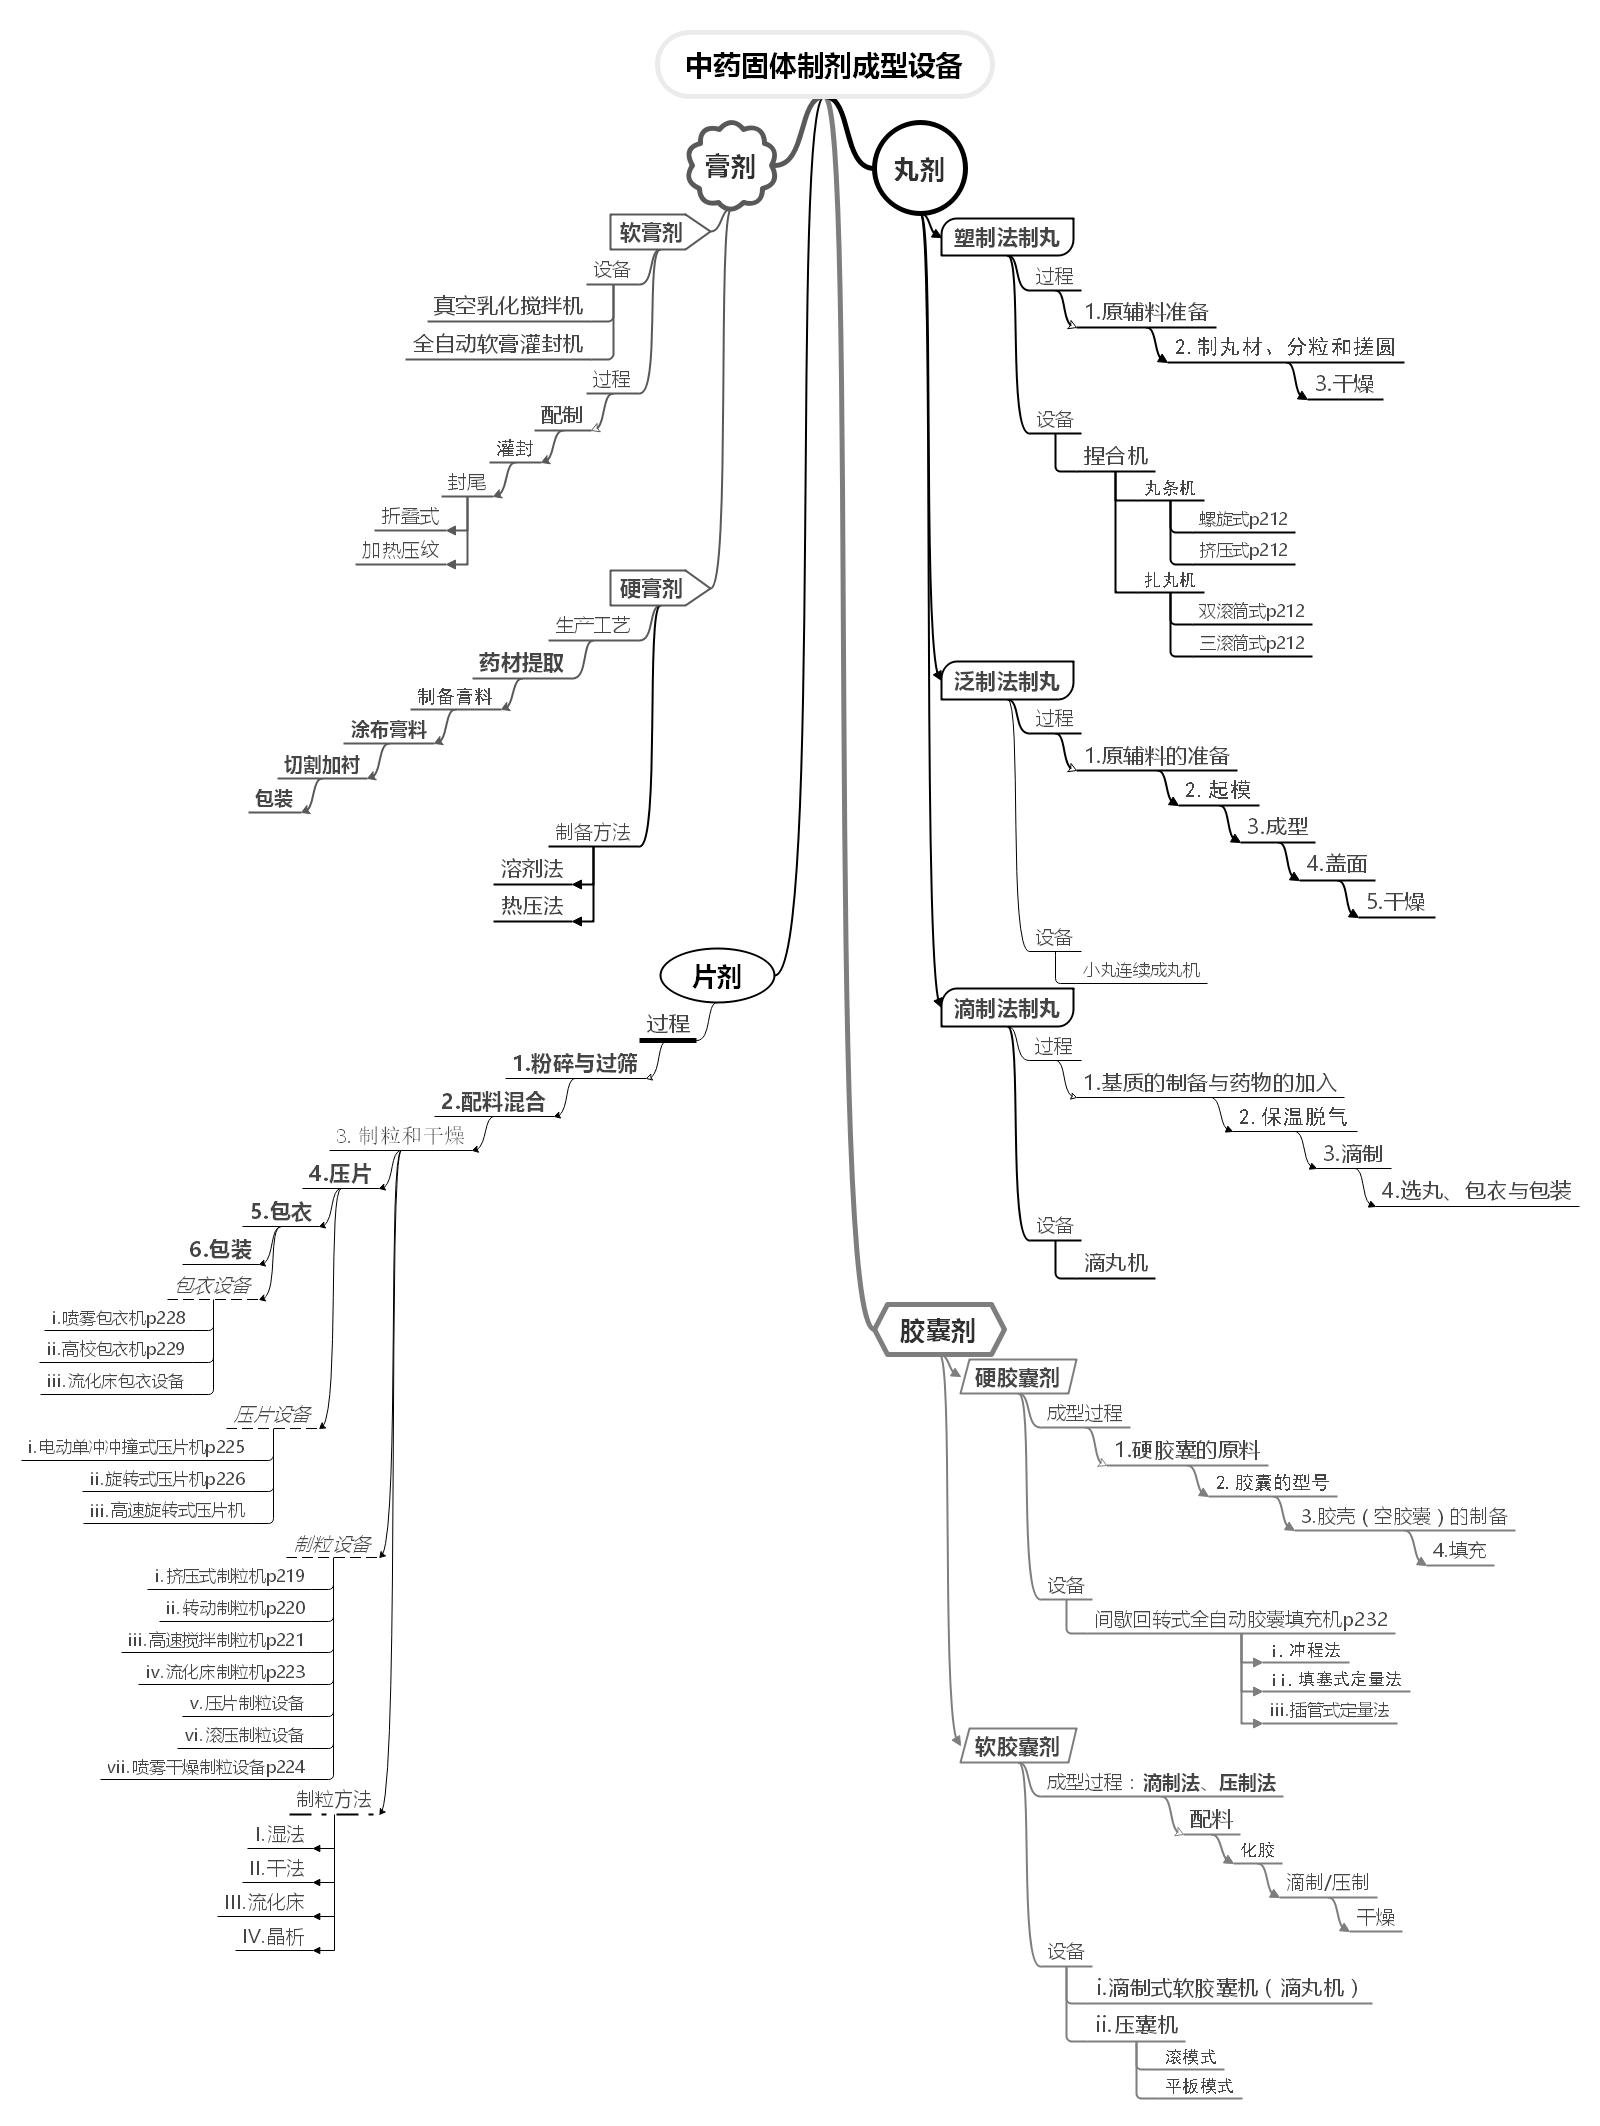 中药制药工程原理与设备